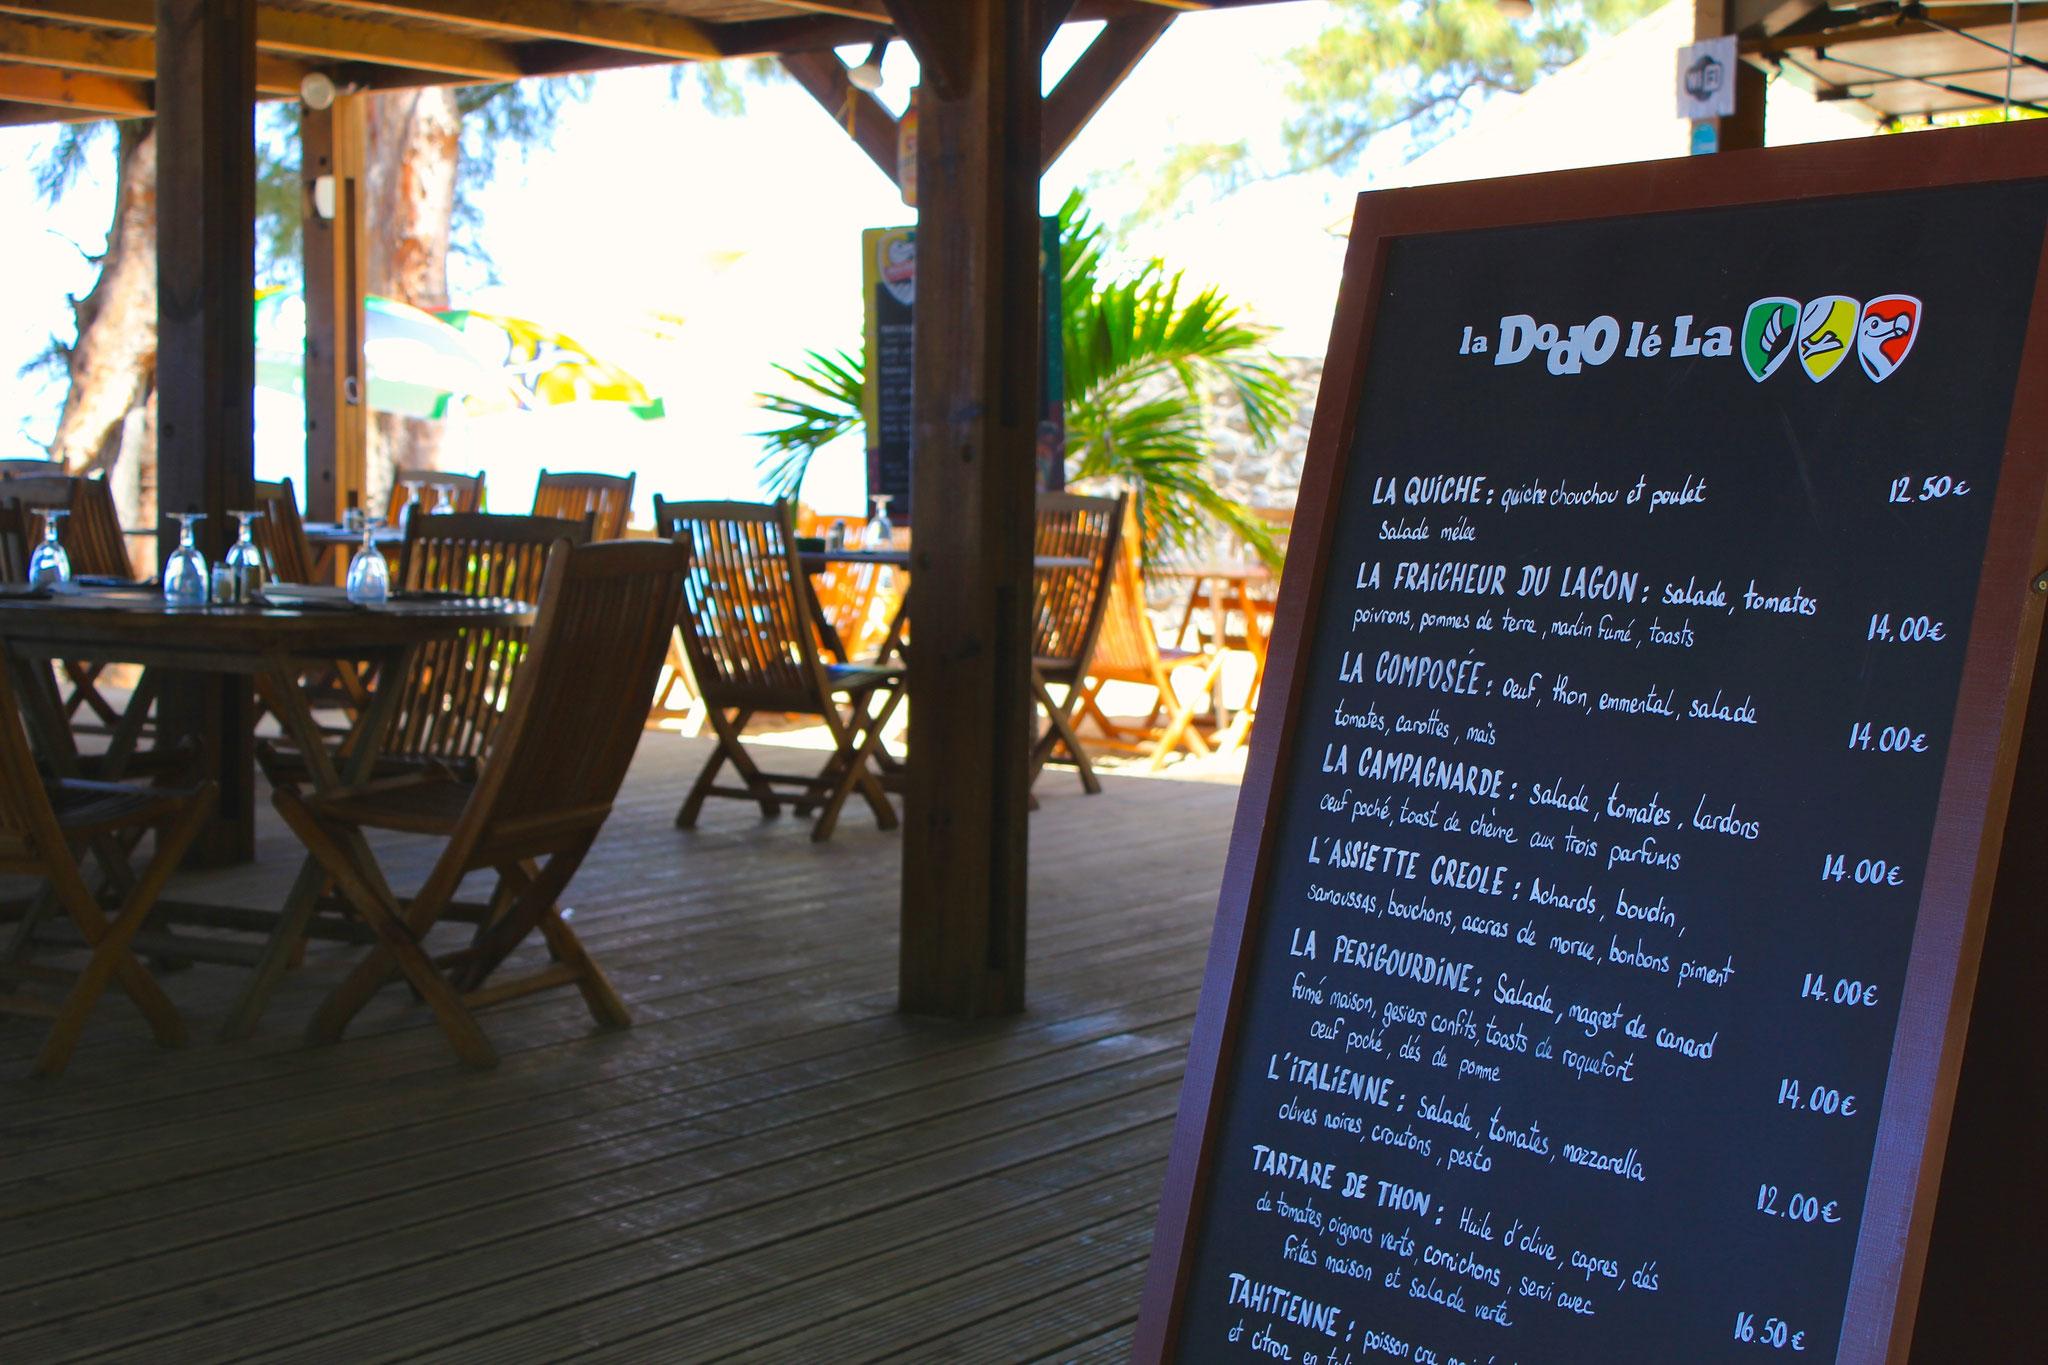 La Varangue du Lagon et son menu, vous serez accueillis par Denis